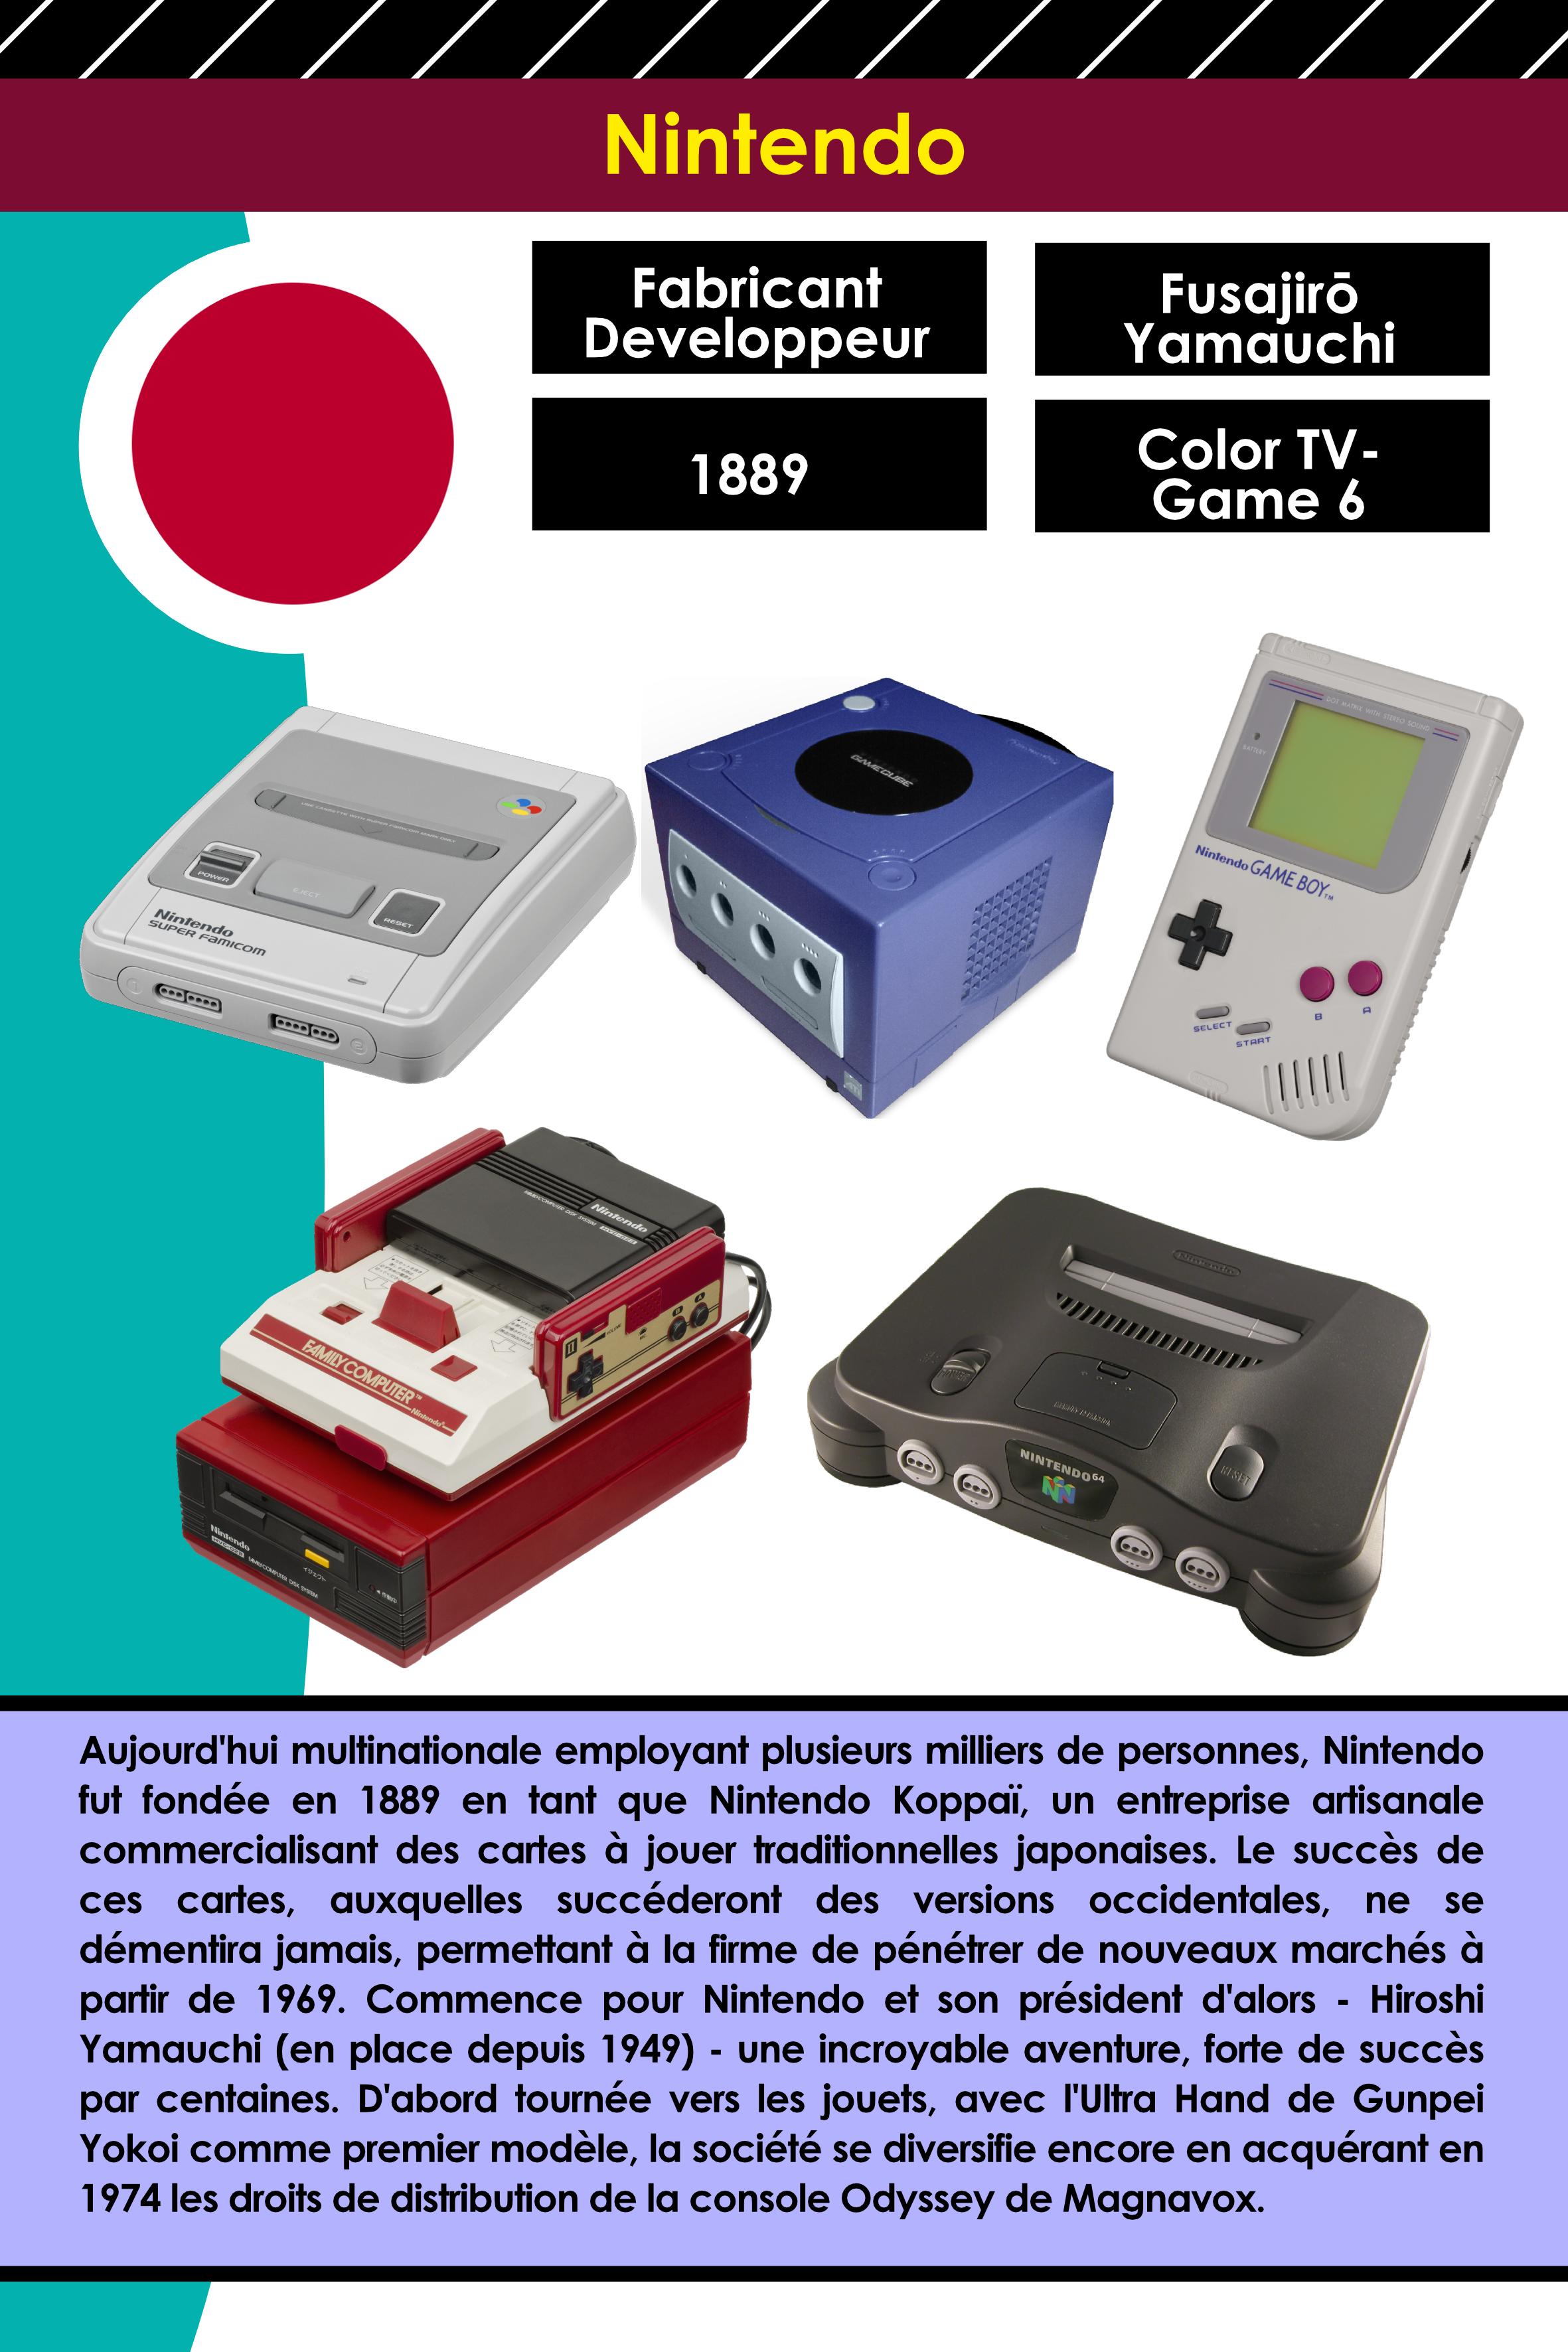 Exemple de carte encyclopédique française Nintendo